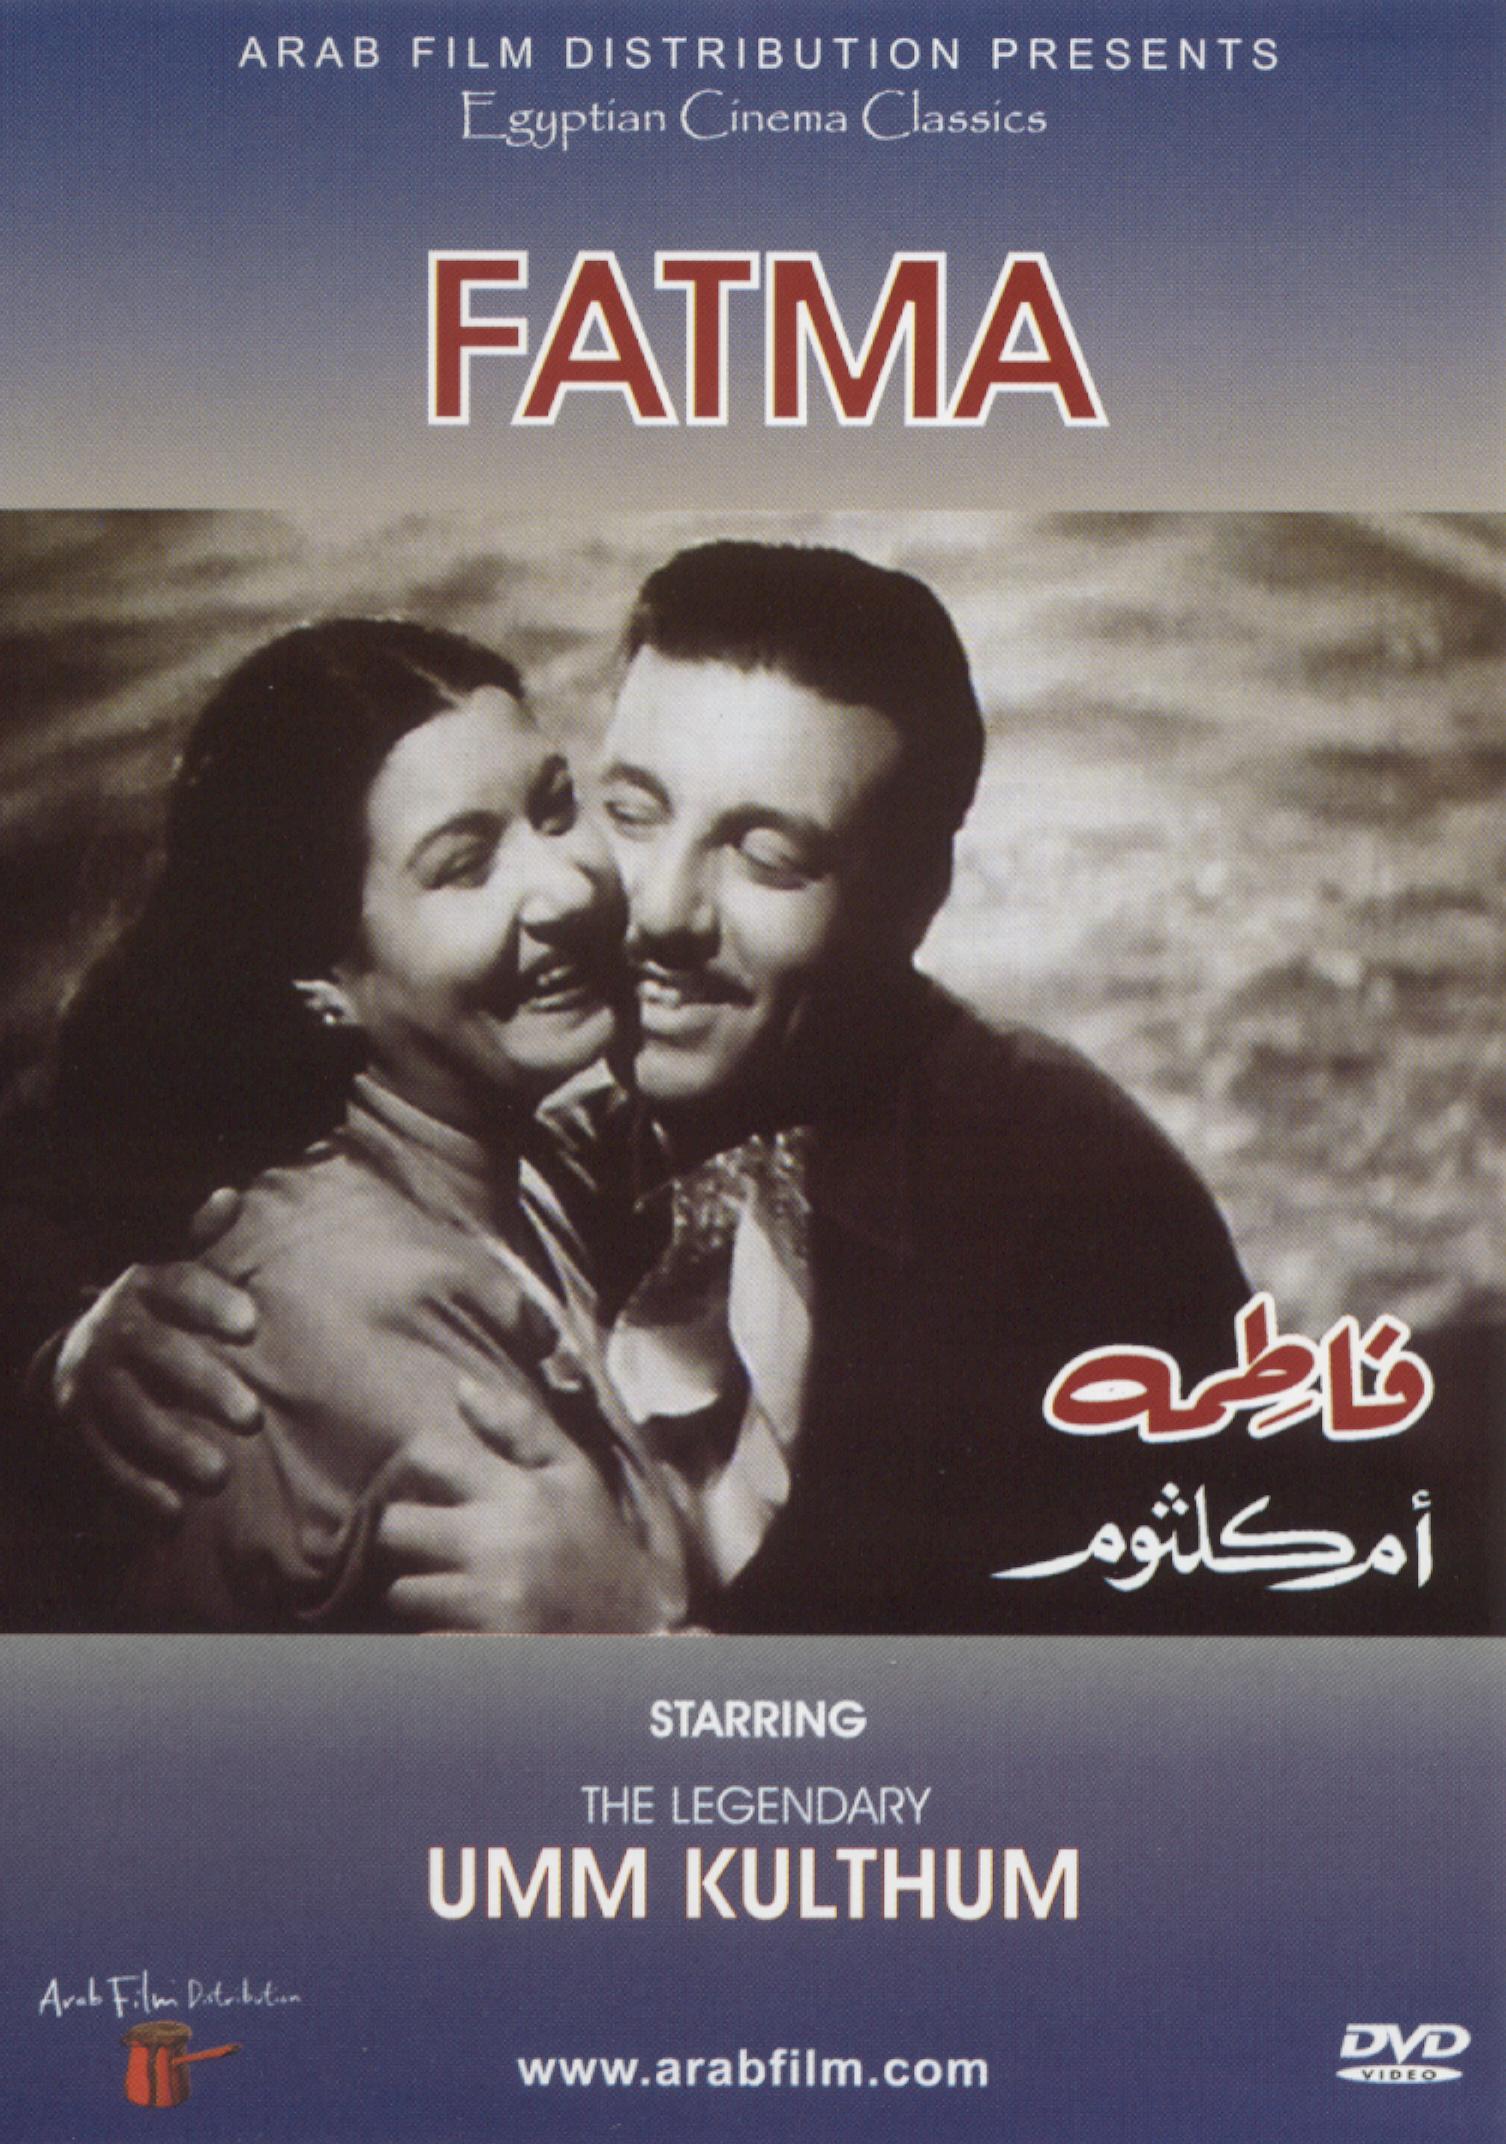 Fatma